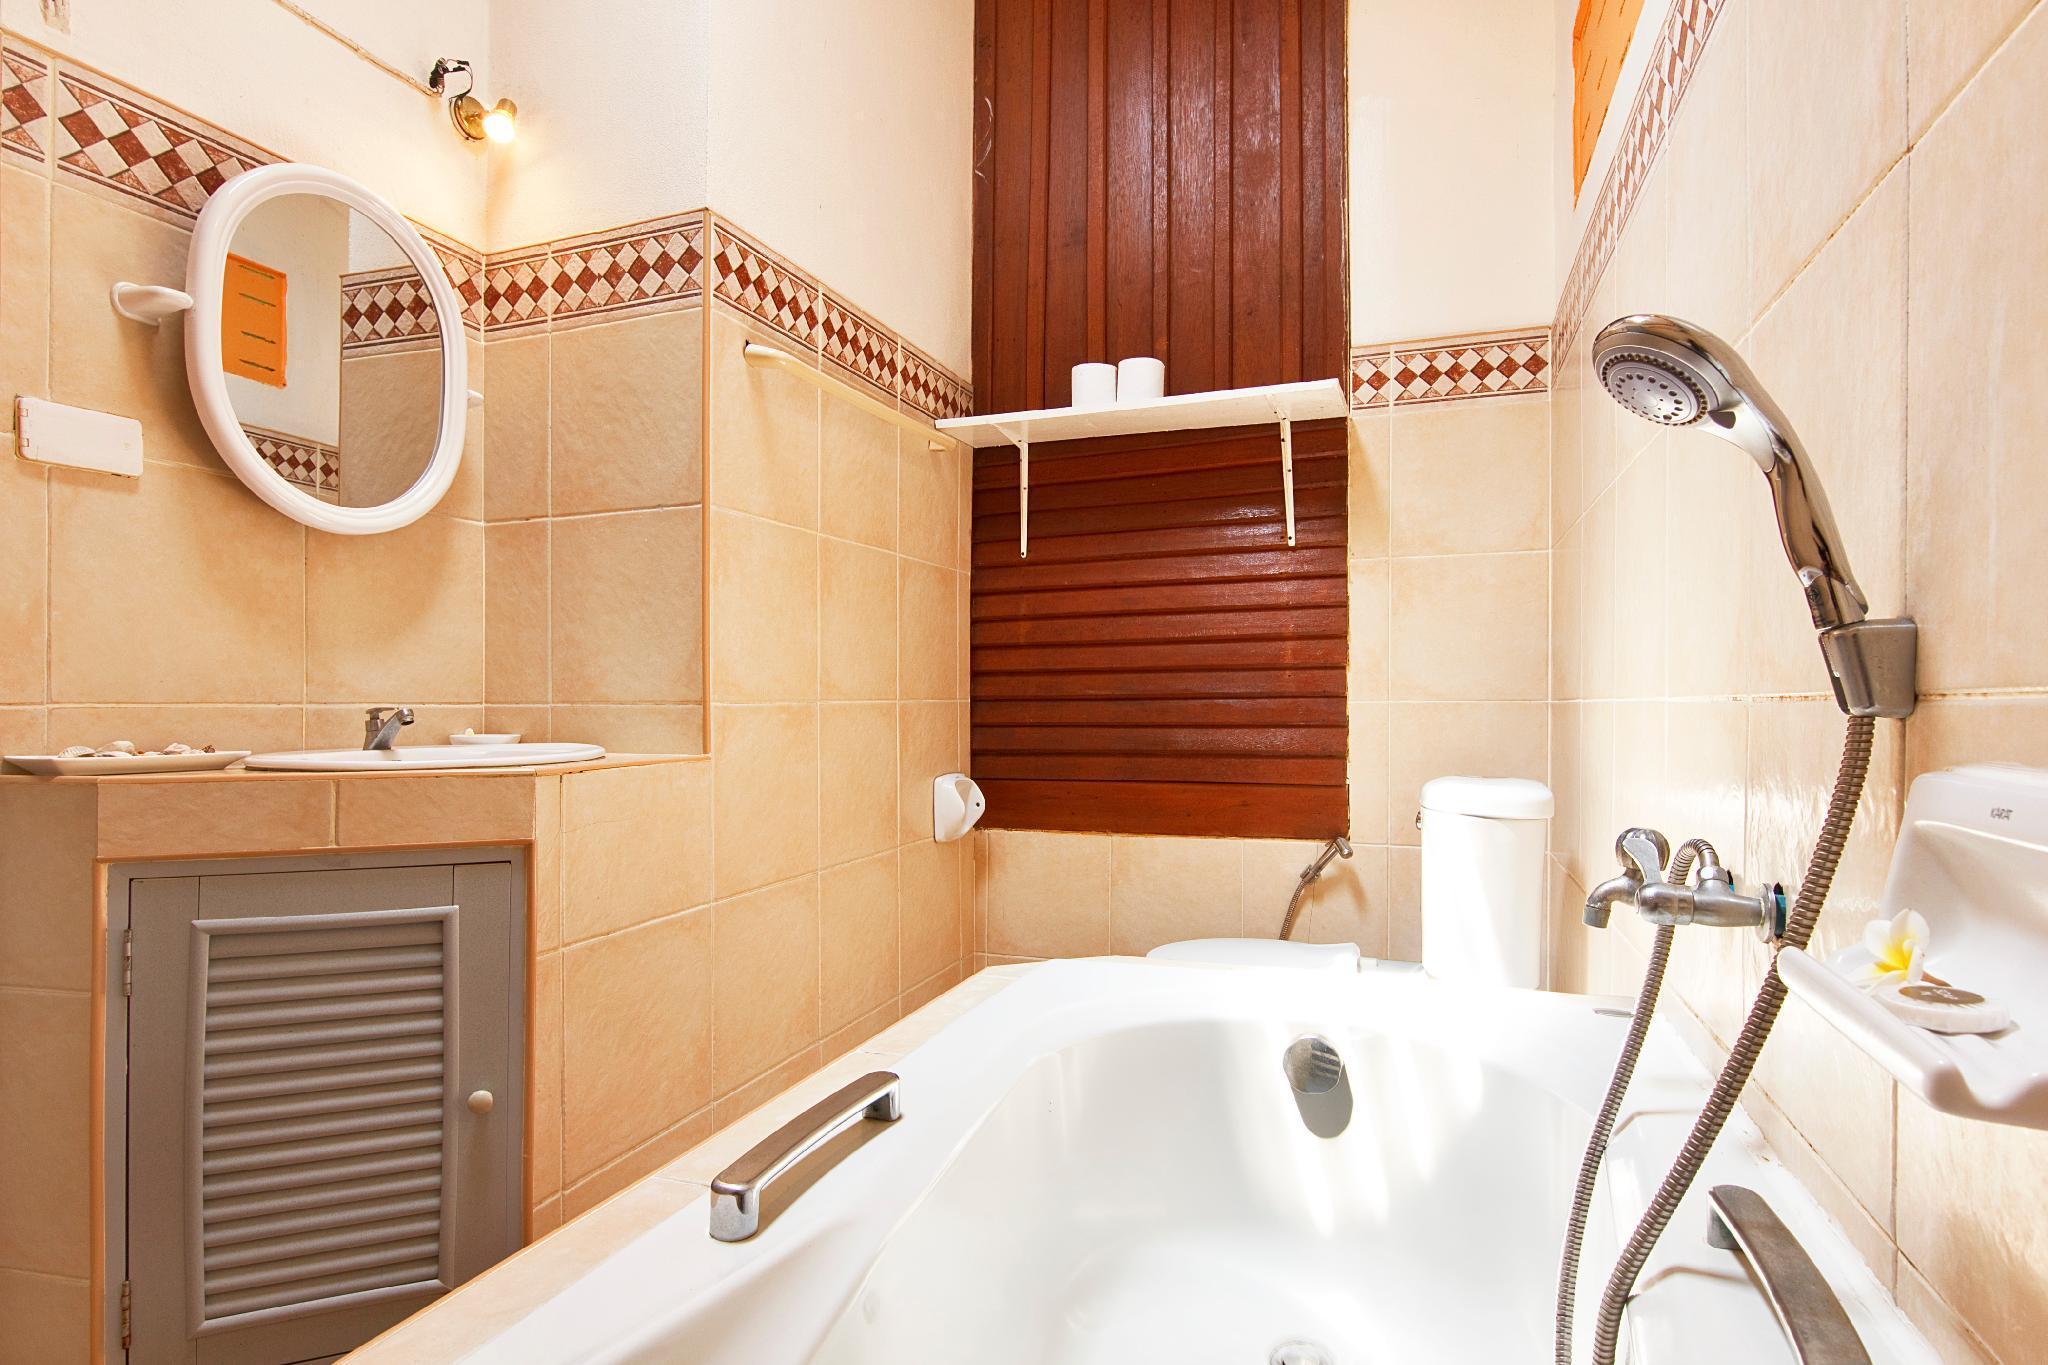 Lovely & Cozy Hideaway Beach House บังกะโล 1 ห้องนอน 1 ห้องน้ำส่วนตัว ขนาด 50 ตร.ม. – บางปอ